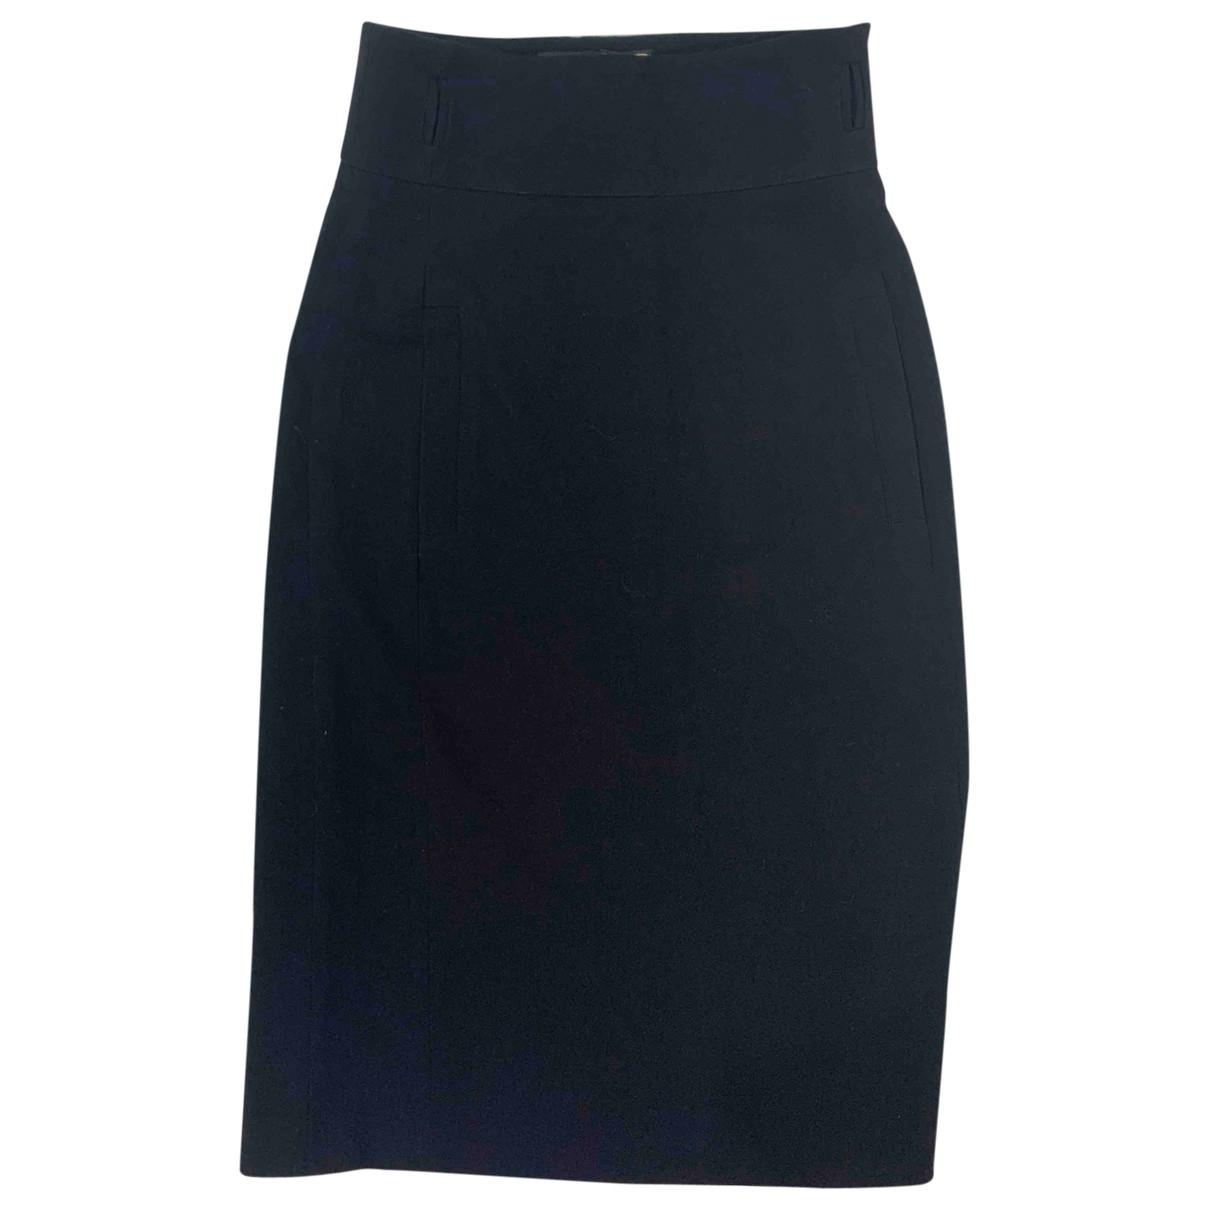 Roberto Cavalli \N Black skirt for Women 40 IT